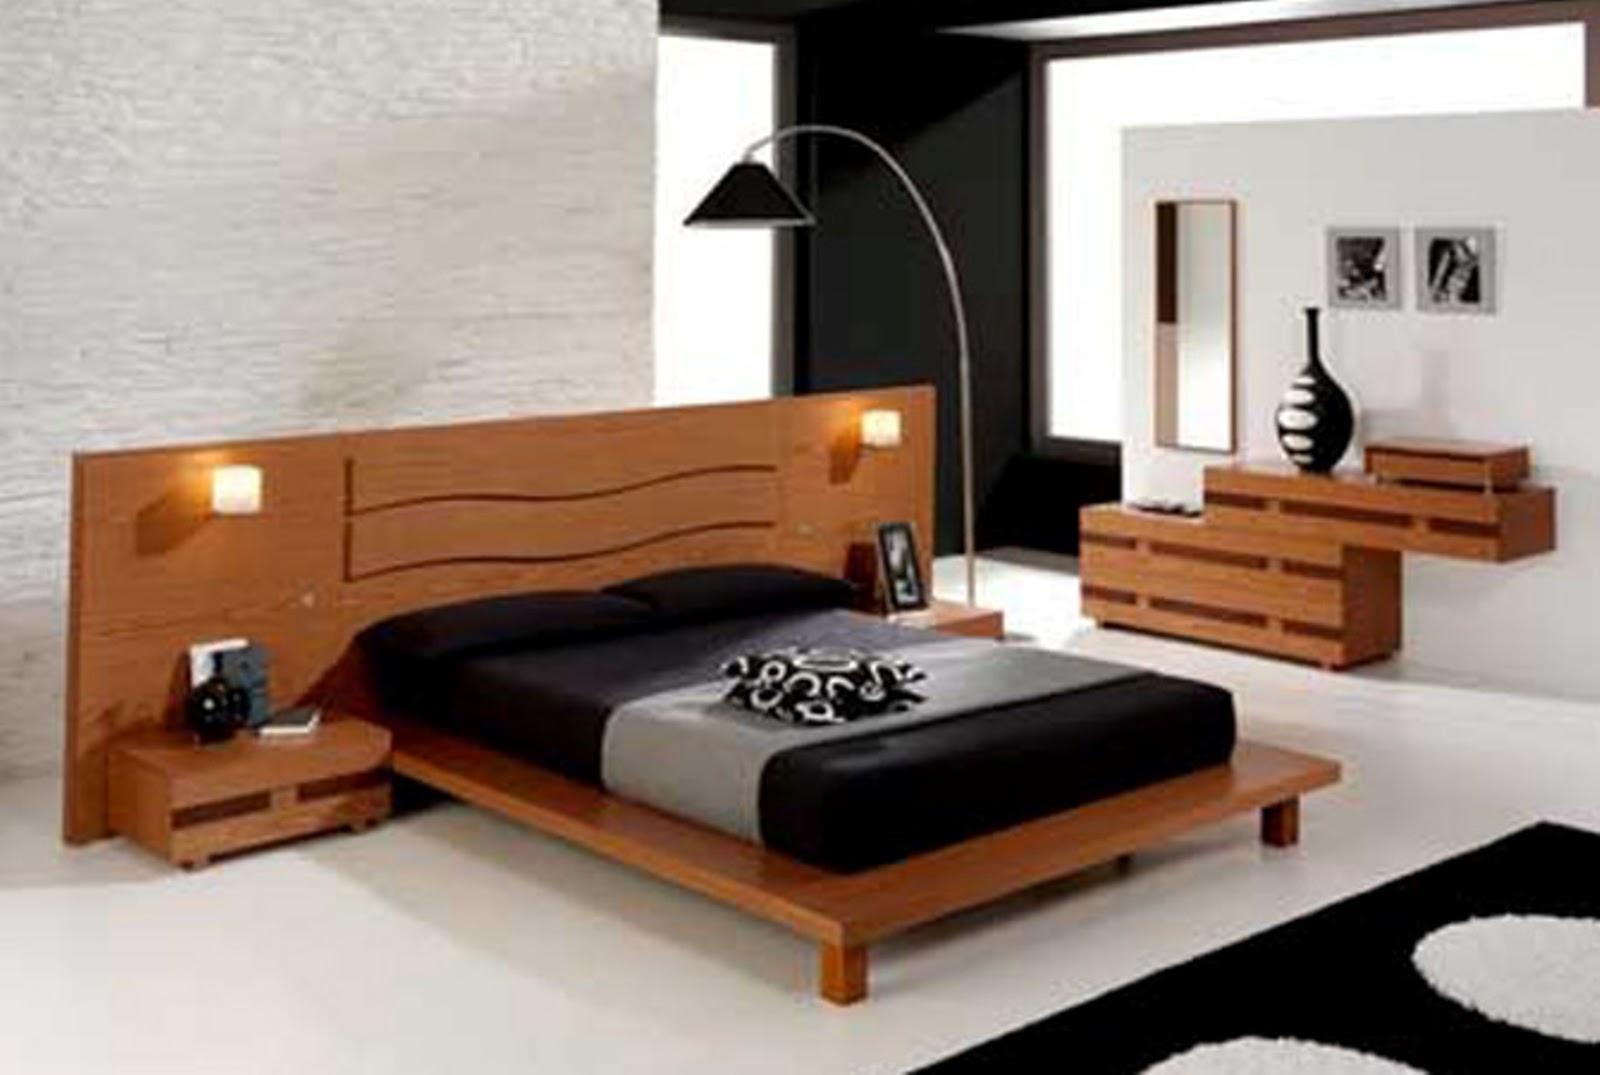 gambar contoh dekorasi kamar tidur minimalis dengan desain modern title=